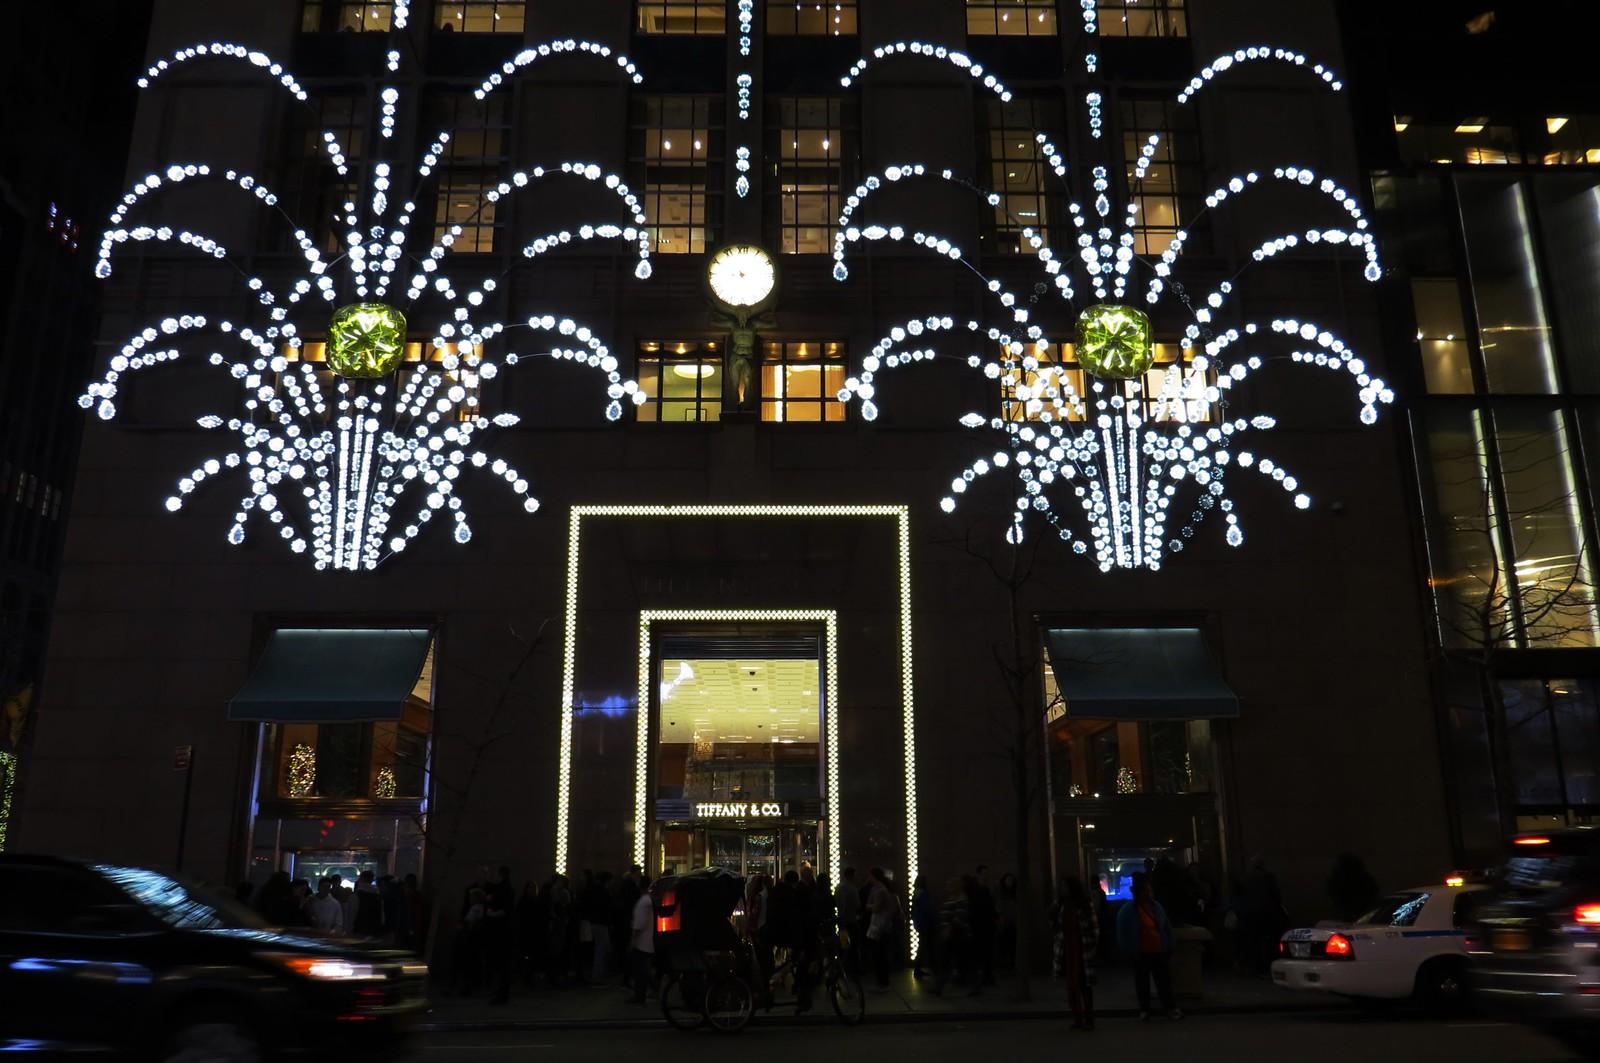 Tiffany, Fifth Avenue, NY